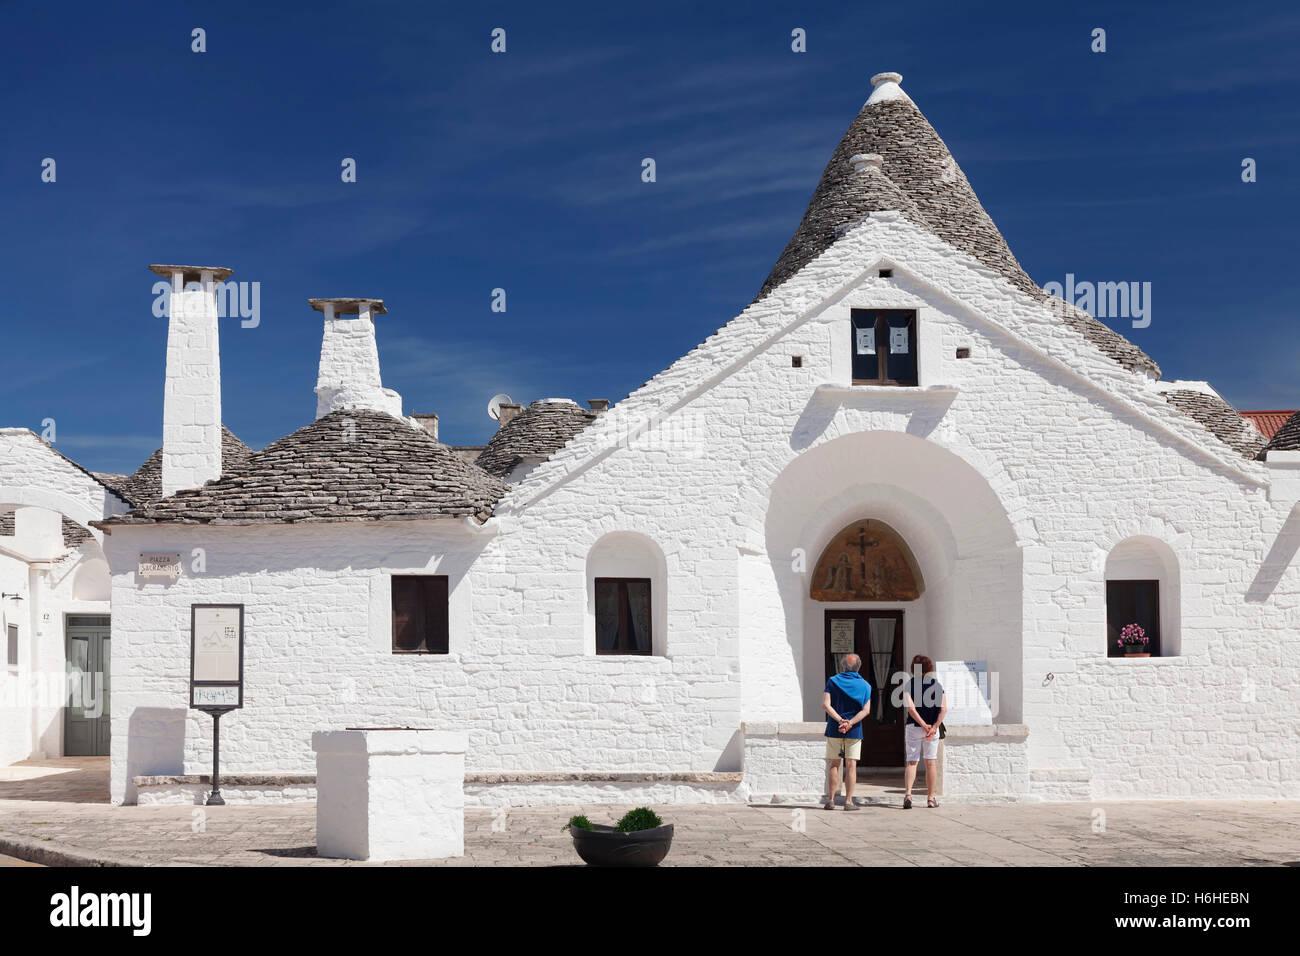 Trullo Sovrano, distrito Aia Piccola, Alberobello, Valle d'Itria, provincia de Bari, Puglia, Italia Imagen De Stock